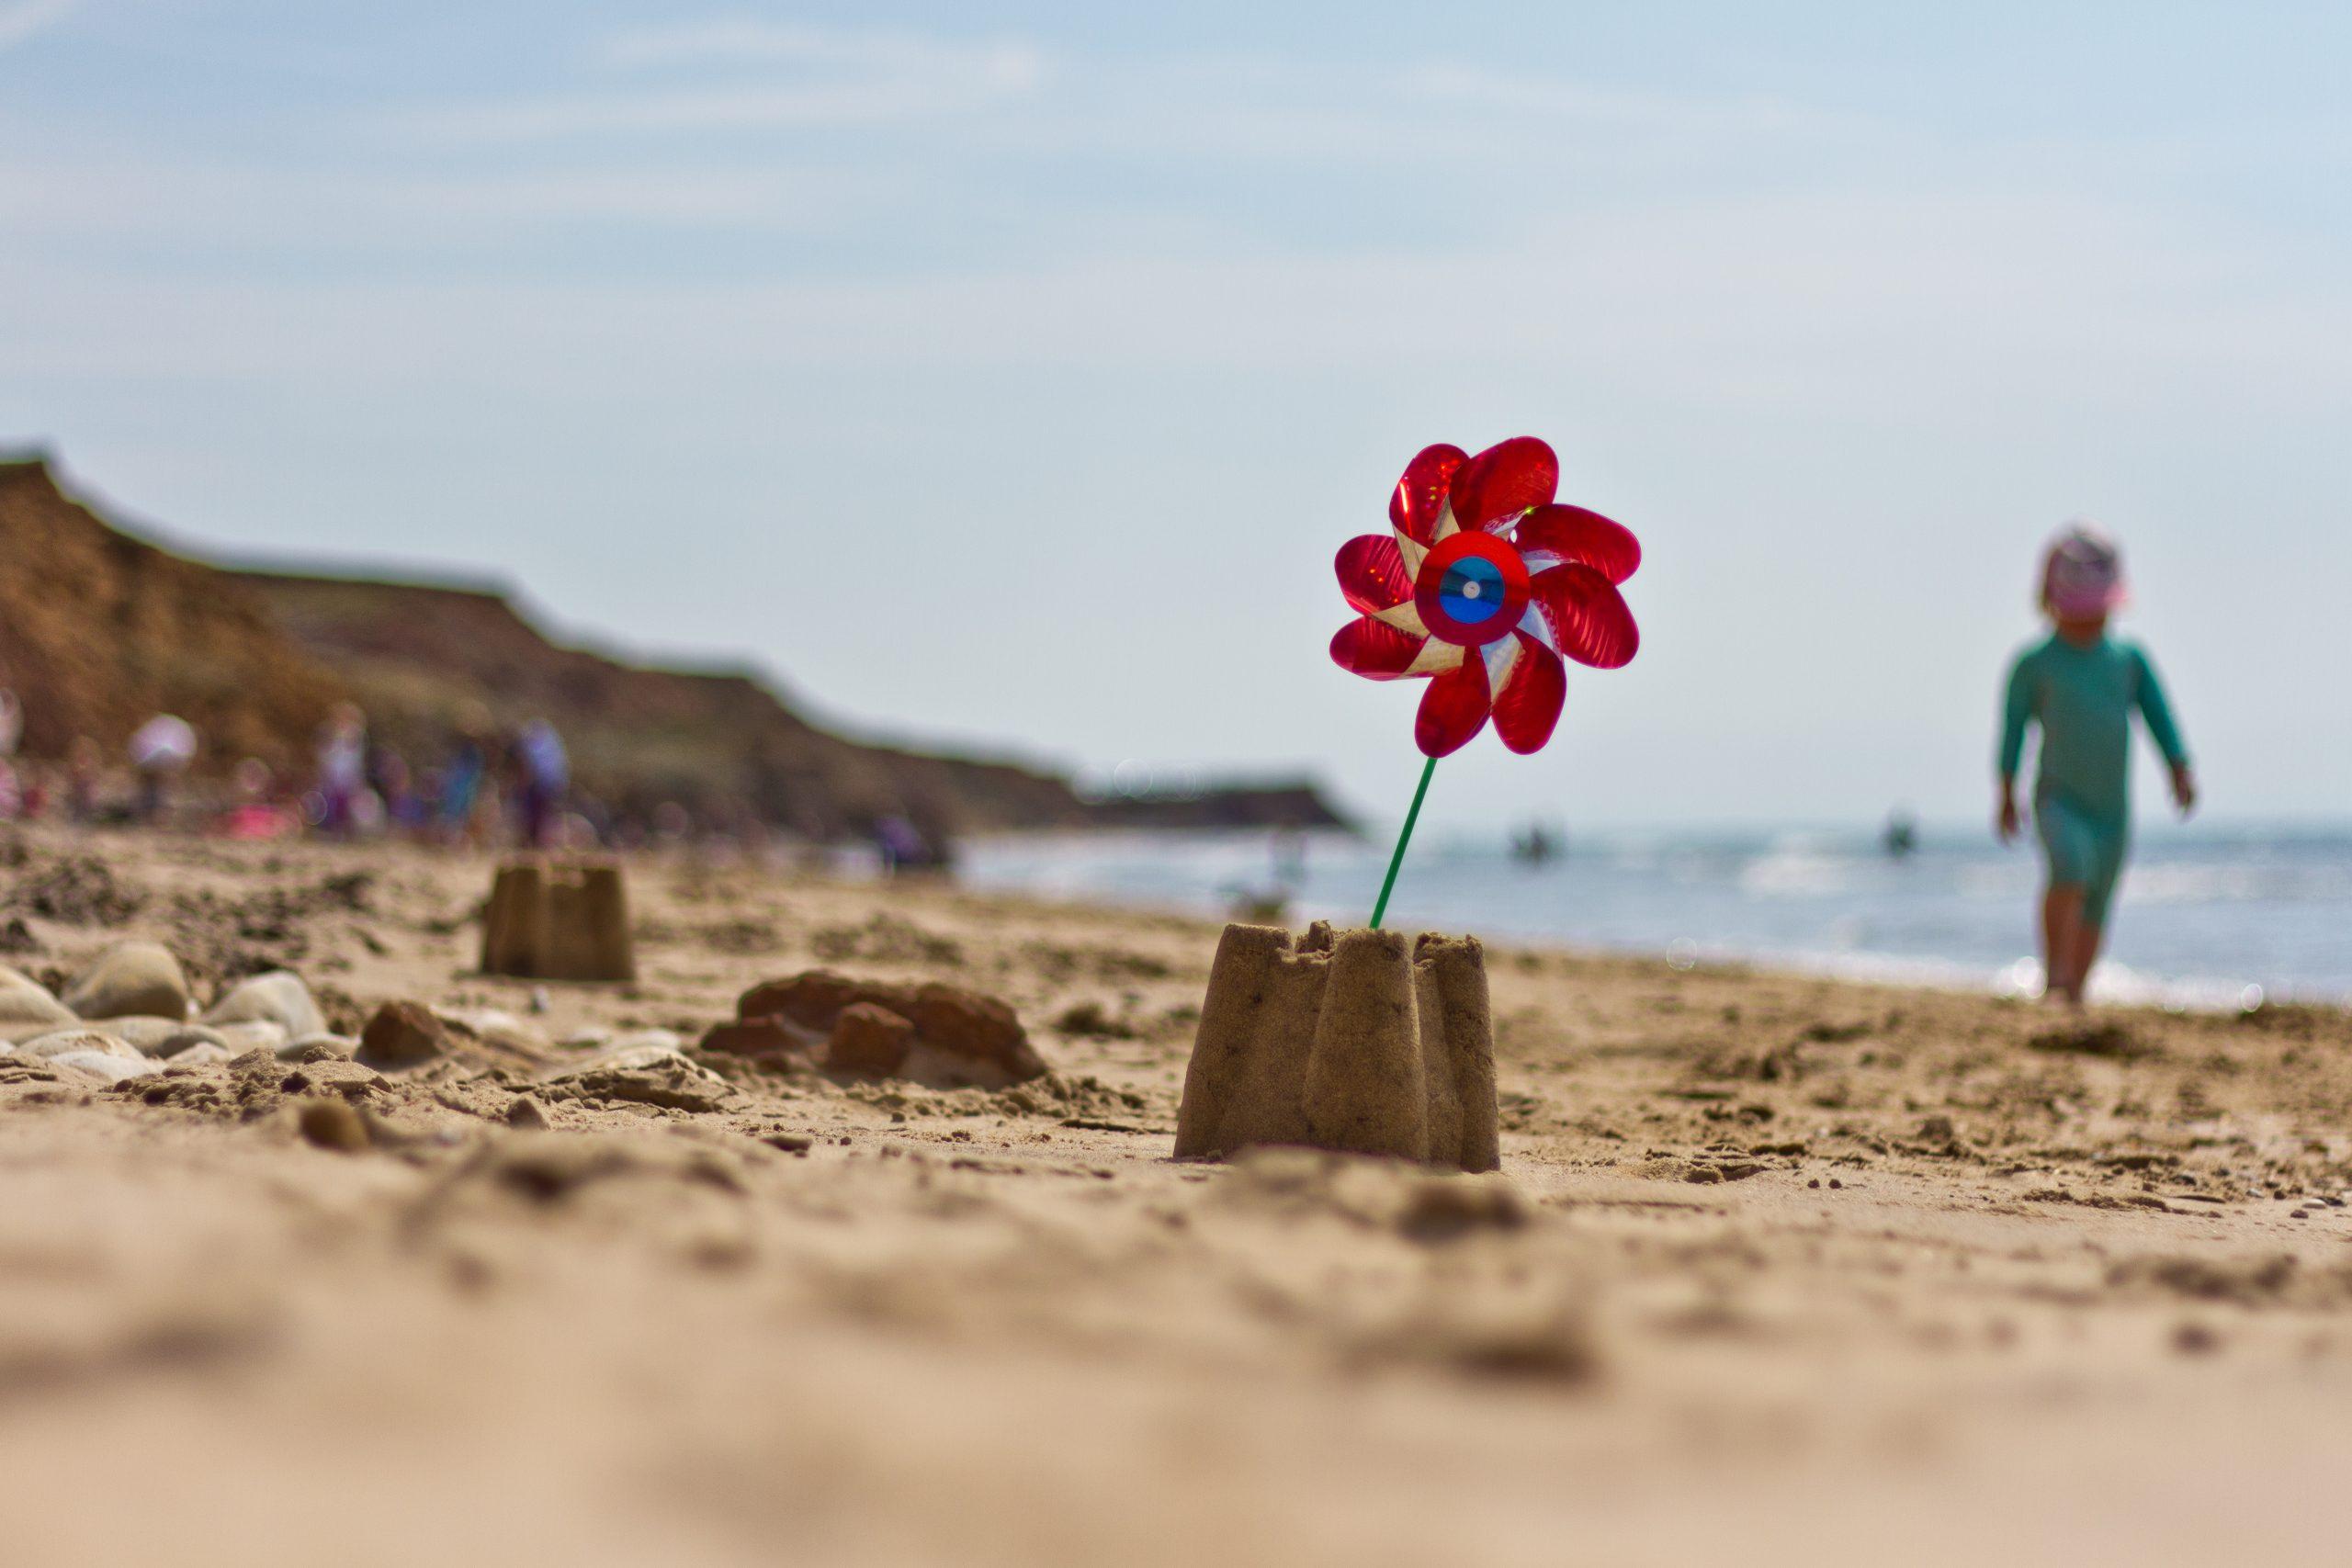 Un moulin à vent de plage dans le sable